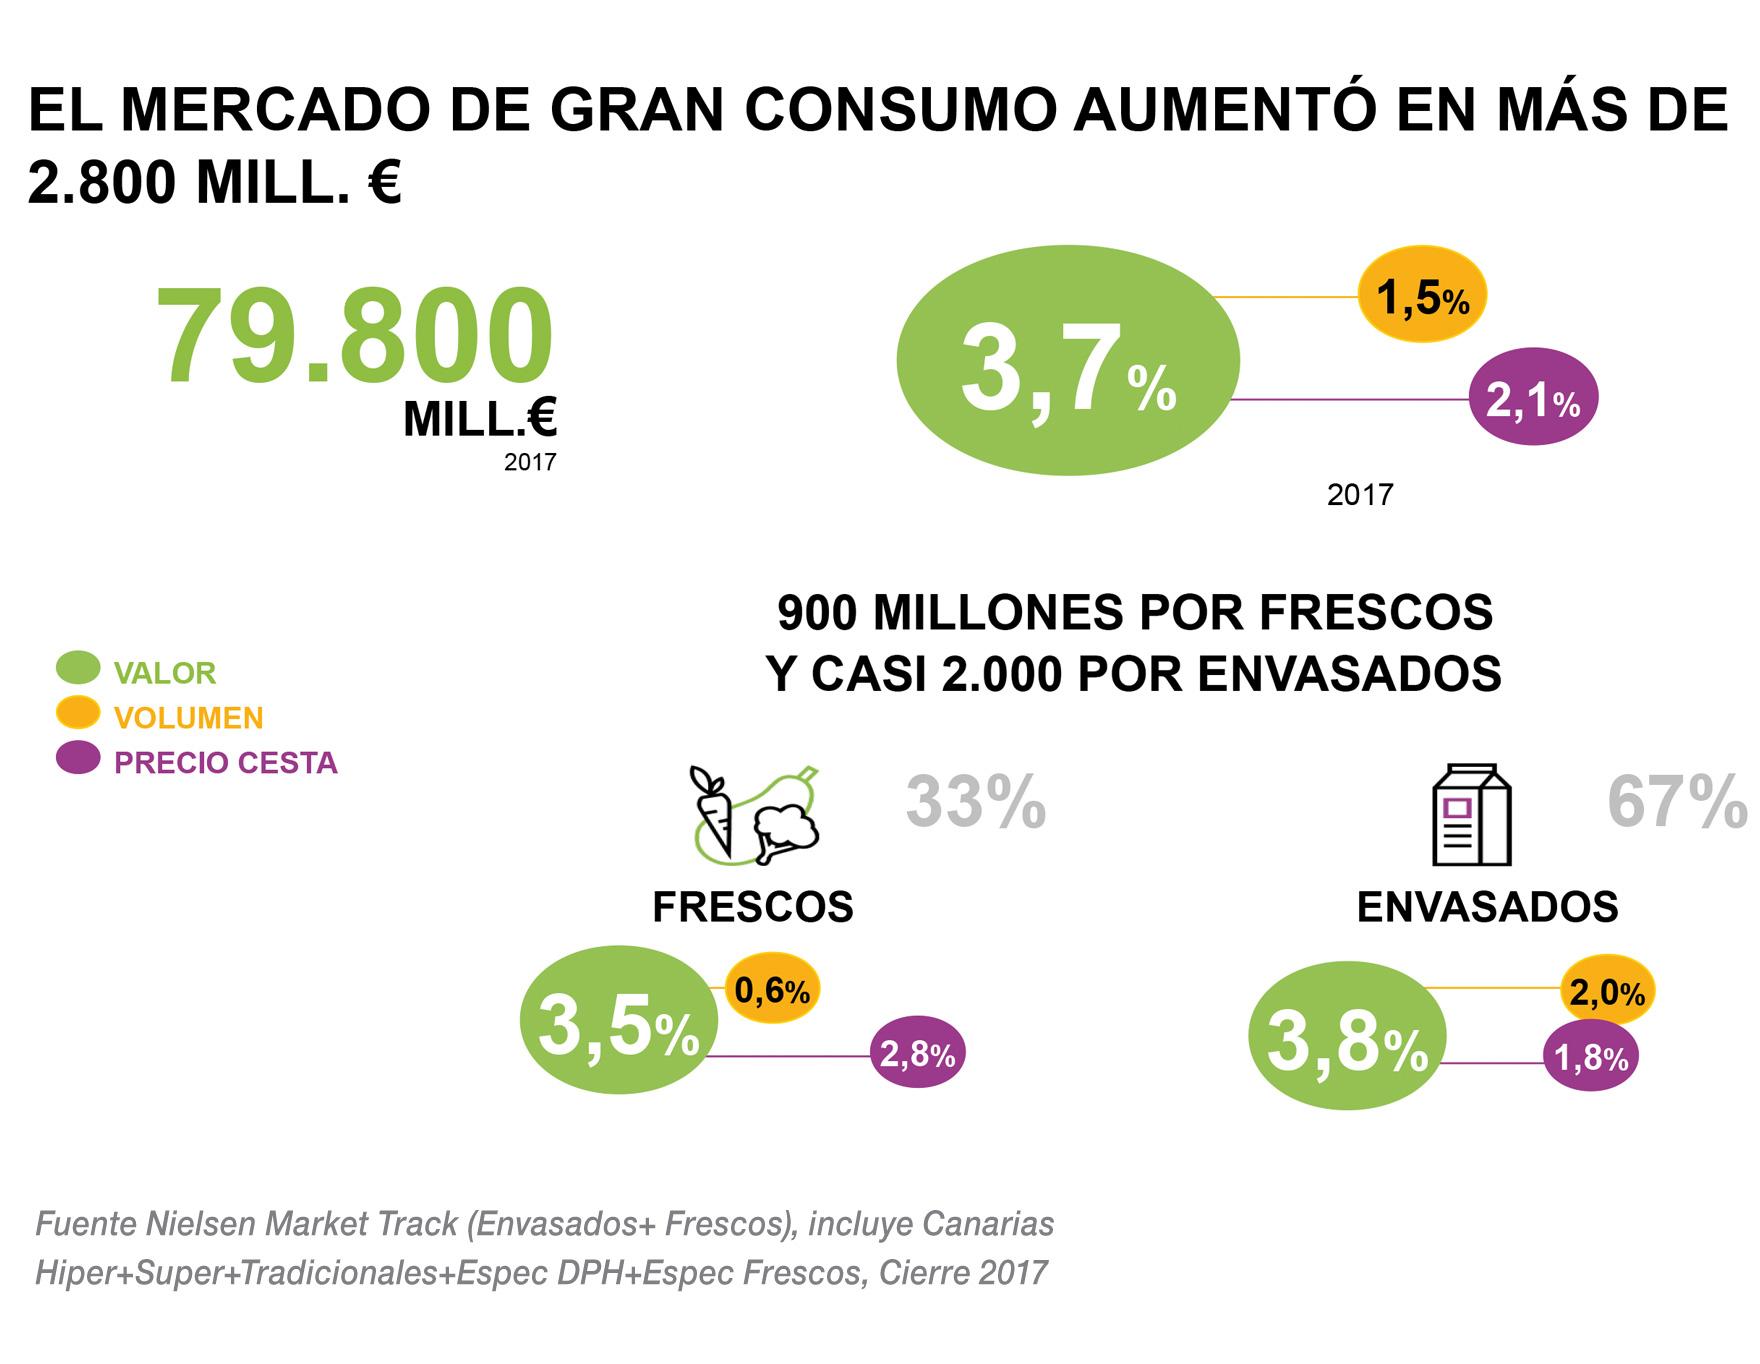 Aumento del mercado de Gran Consumo en millones de Euros